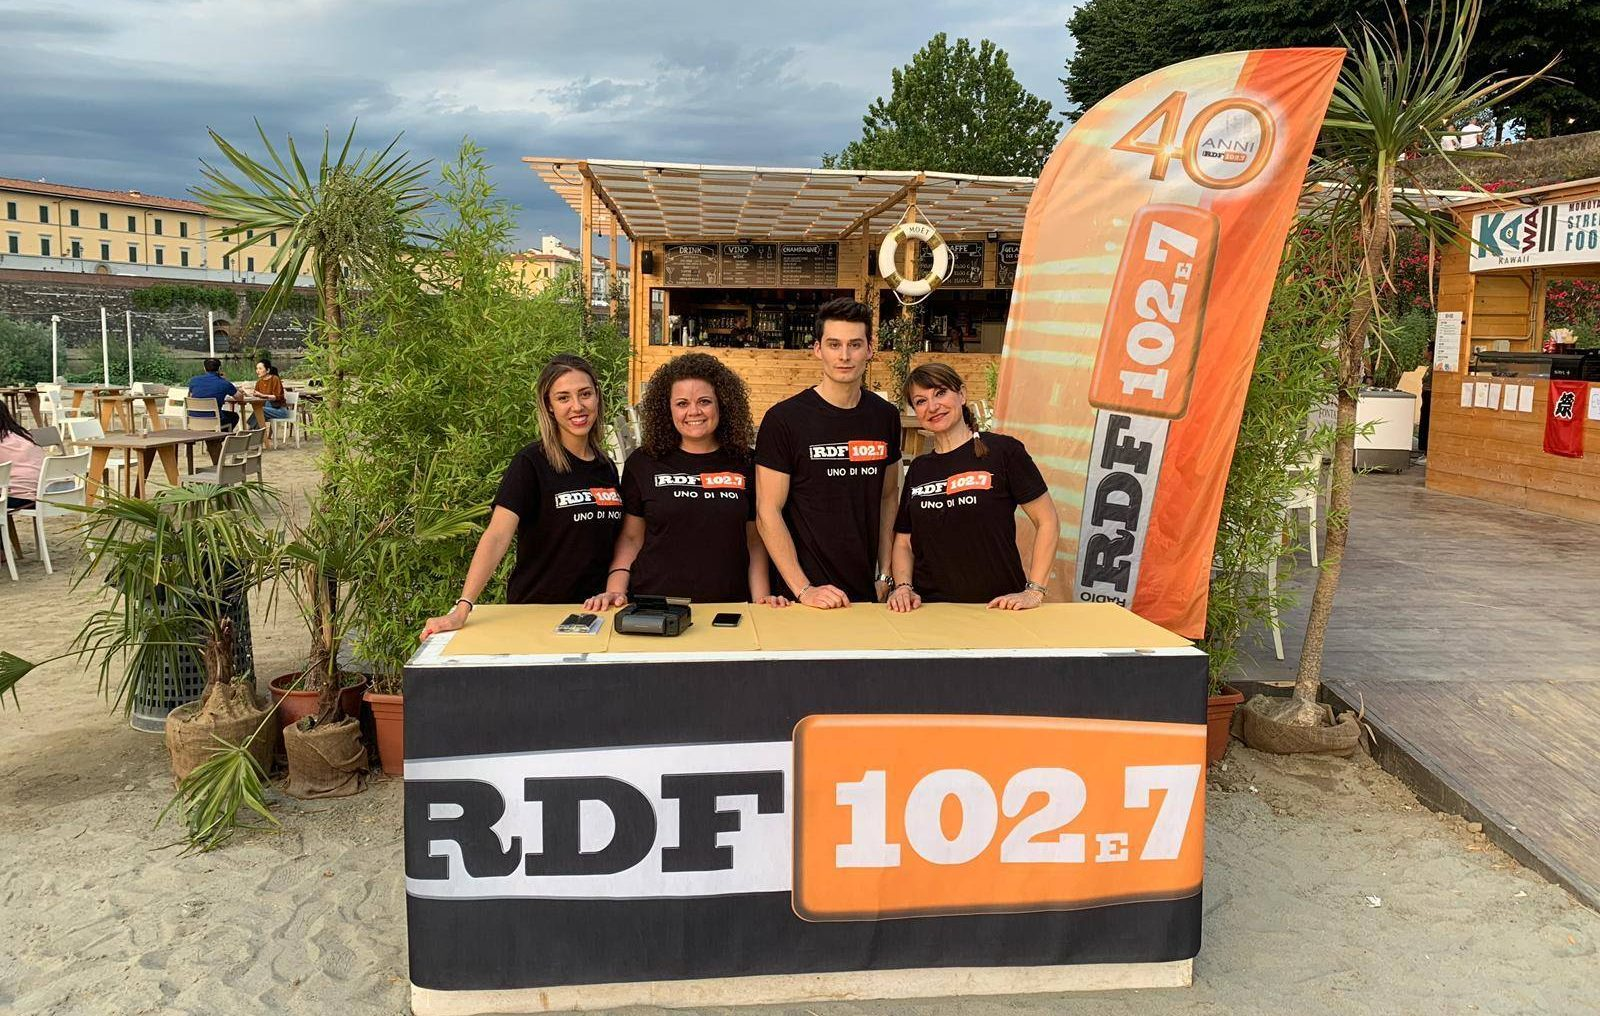 rdf_team spiaggetta